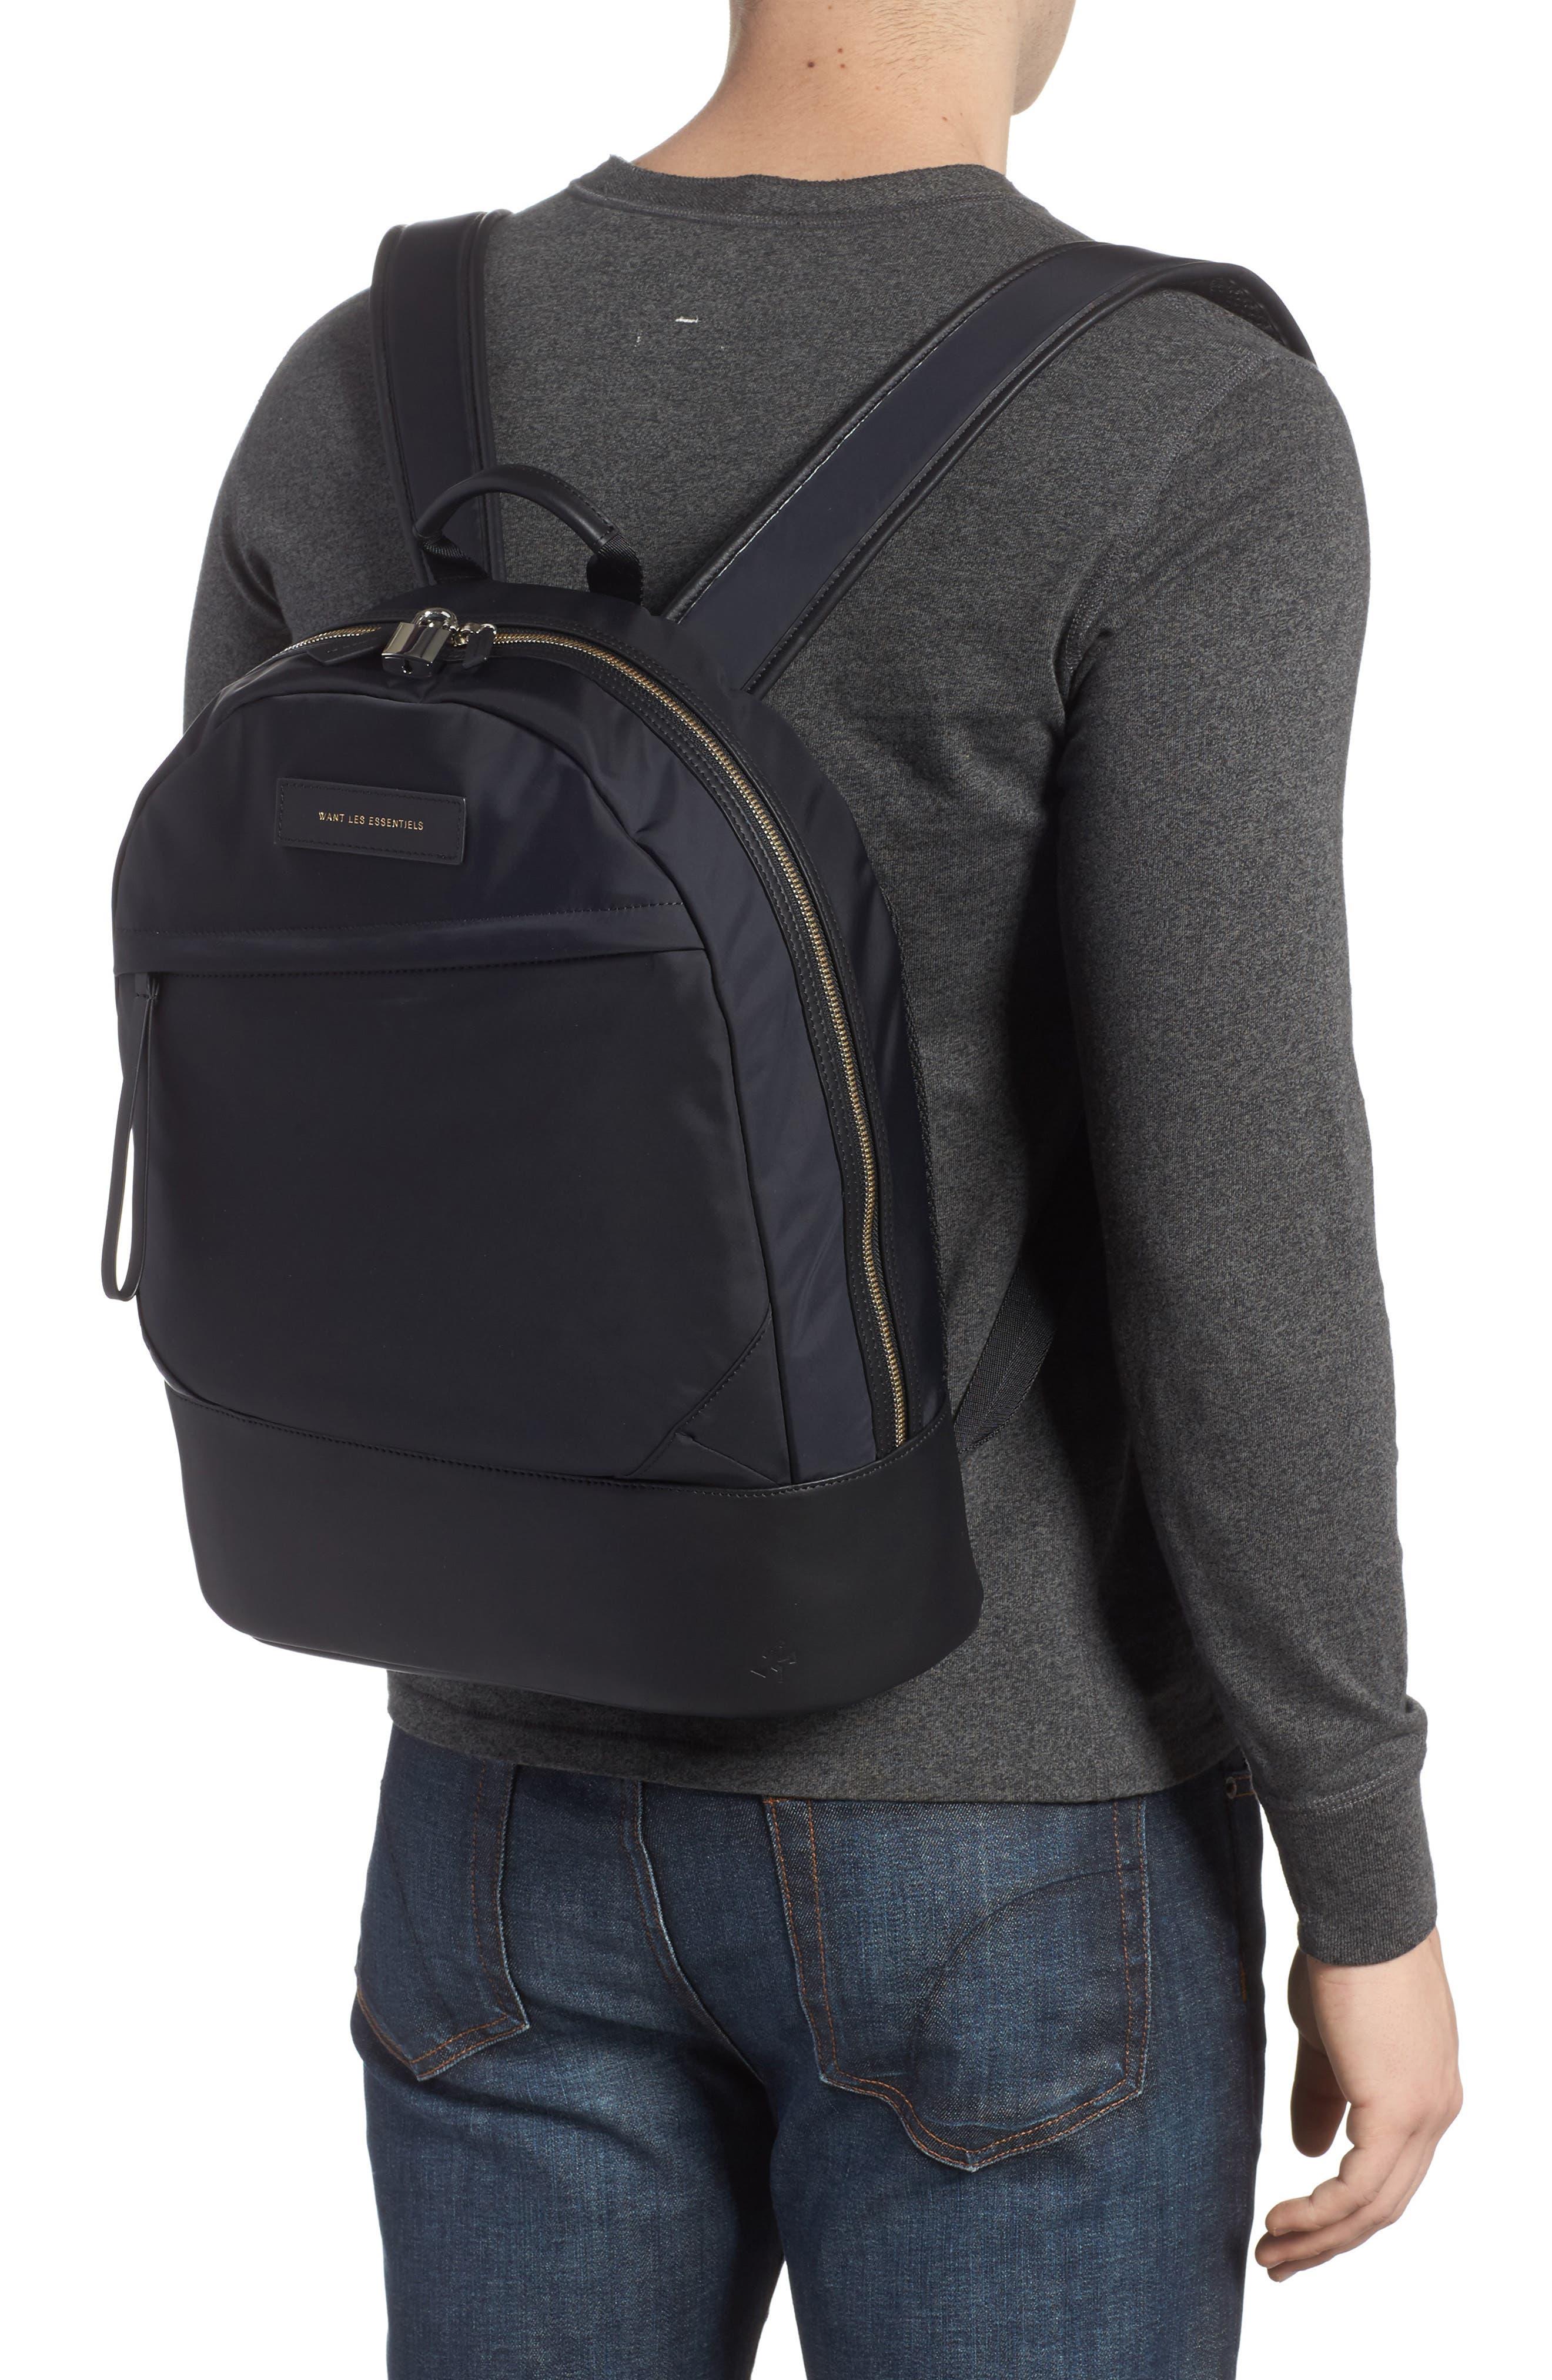 'Kastrup' Backpack,                             Alternate thumbnail 2, color,                             BLACK NYLON